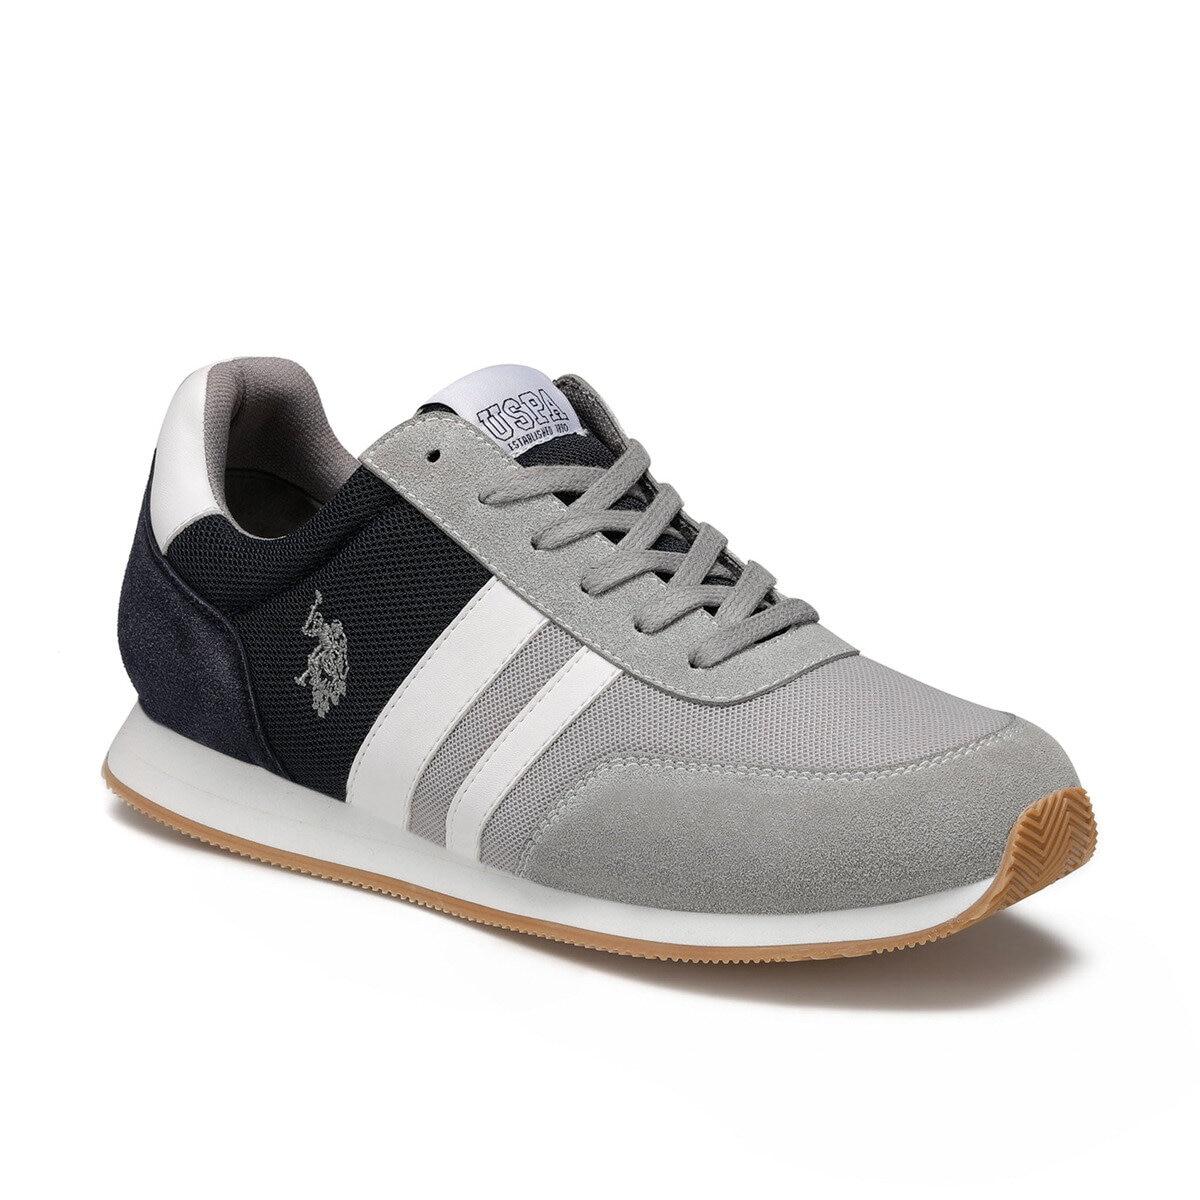 FLO Gray Men Sneakers Sports Shoes Summer Sneakers Casual Shoes Men Comfortable Zapatillas Hombre Running Hombre U.S. POLO ASSN.